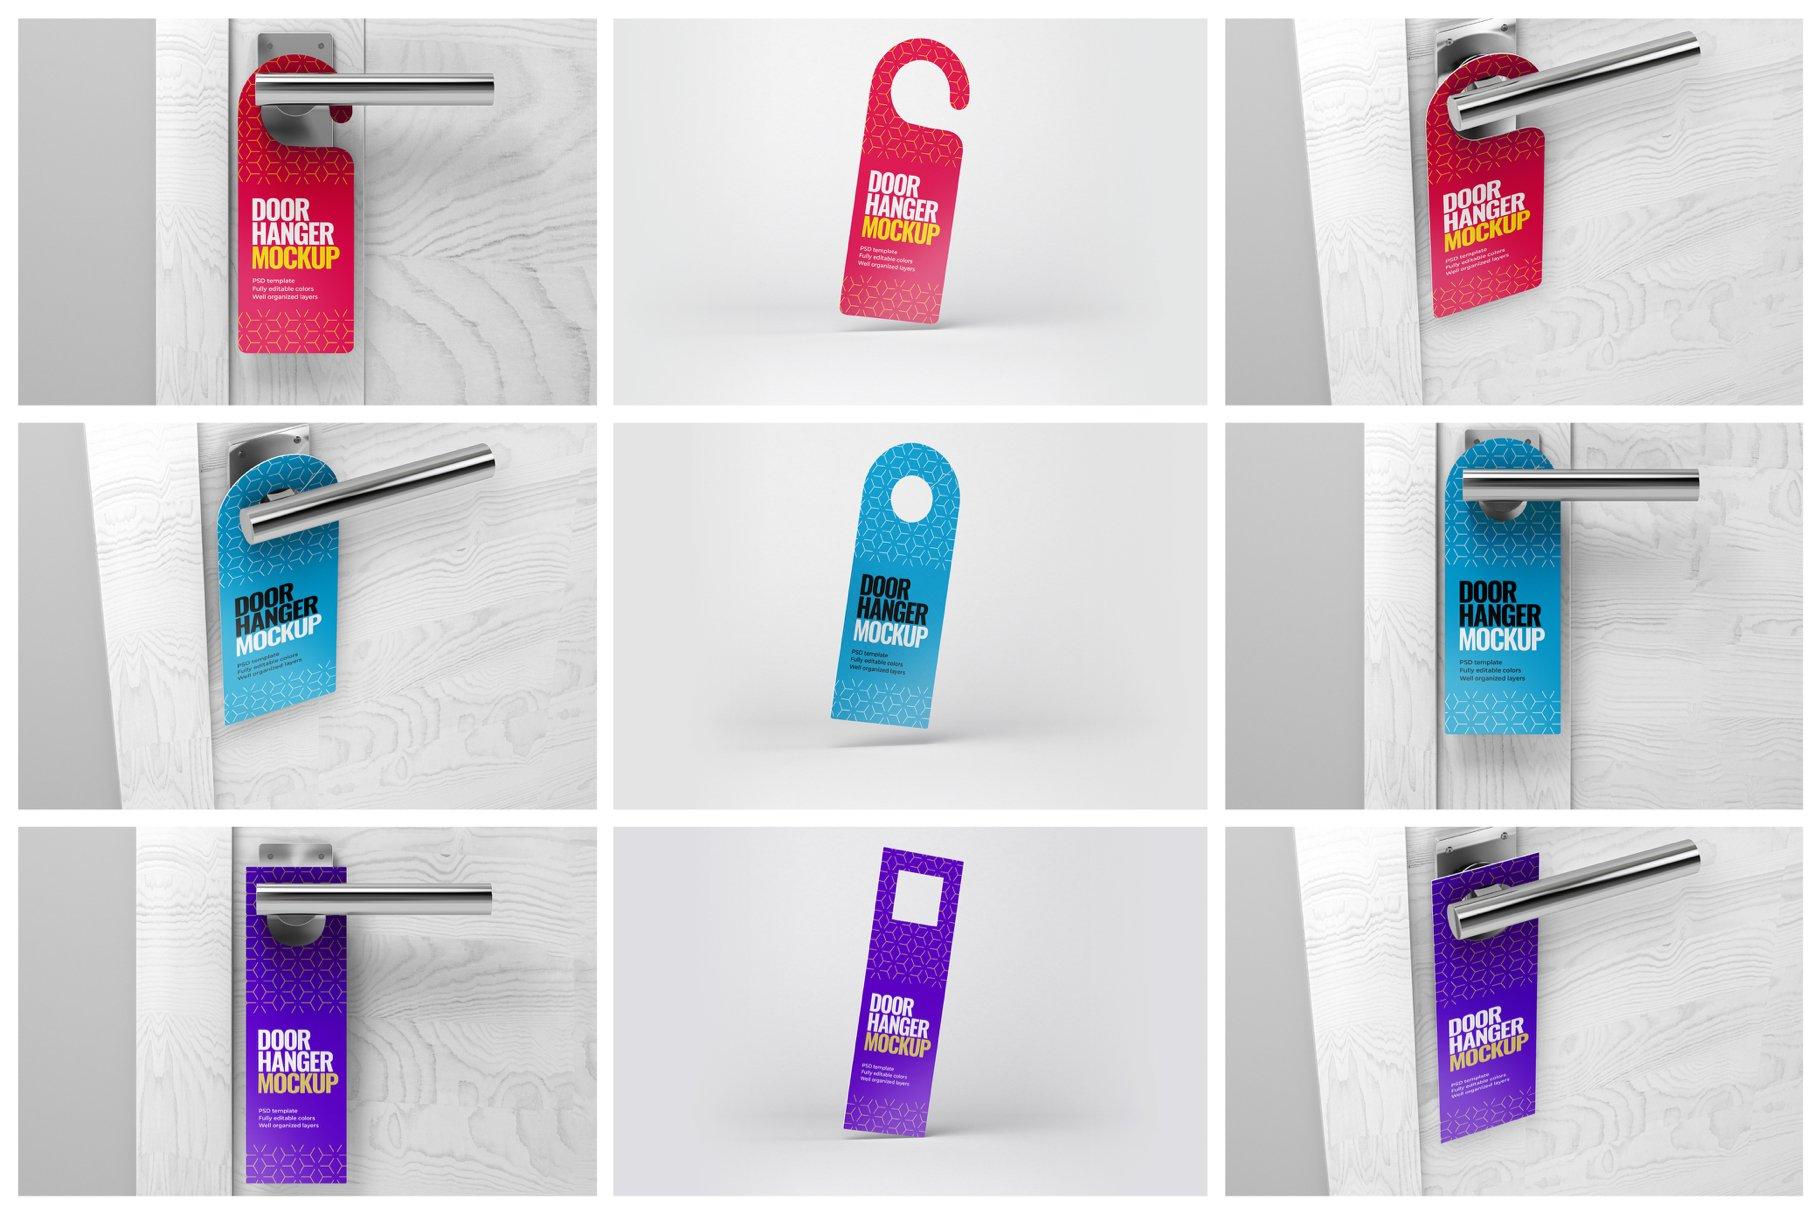 酒店门把手吊牌设计展示样机模板 Door Hanger Mockup Set插图(10)